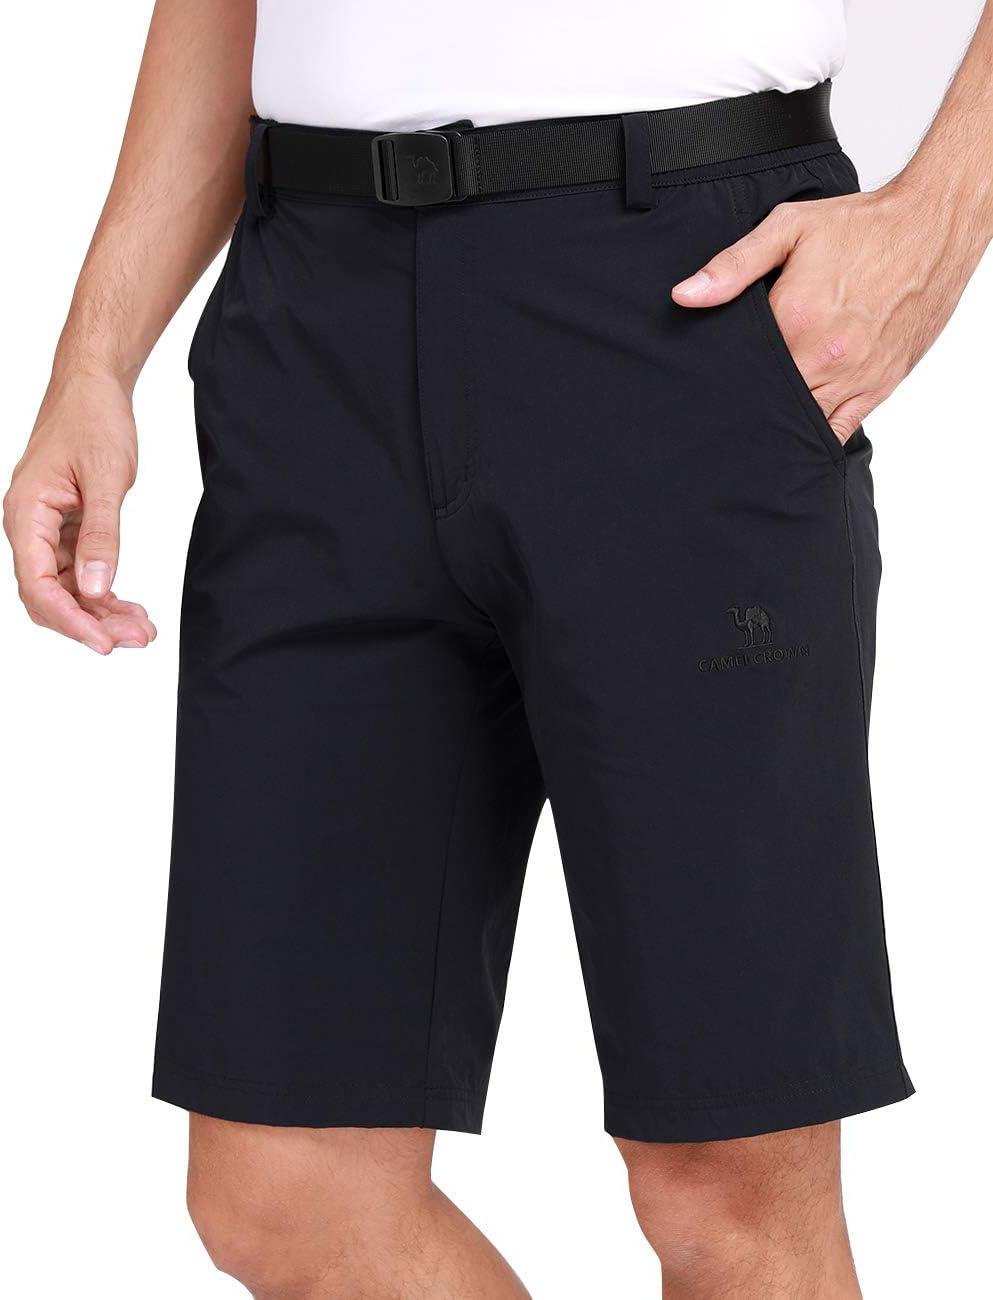 CAMEL CROWN Shorts dExt/érieur /à S/échage Rapide pour Hommes Short Cargo L/éger et Respirant avec Taille /Élastique pour Randonn/ée Cyclisme Loisirs